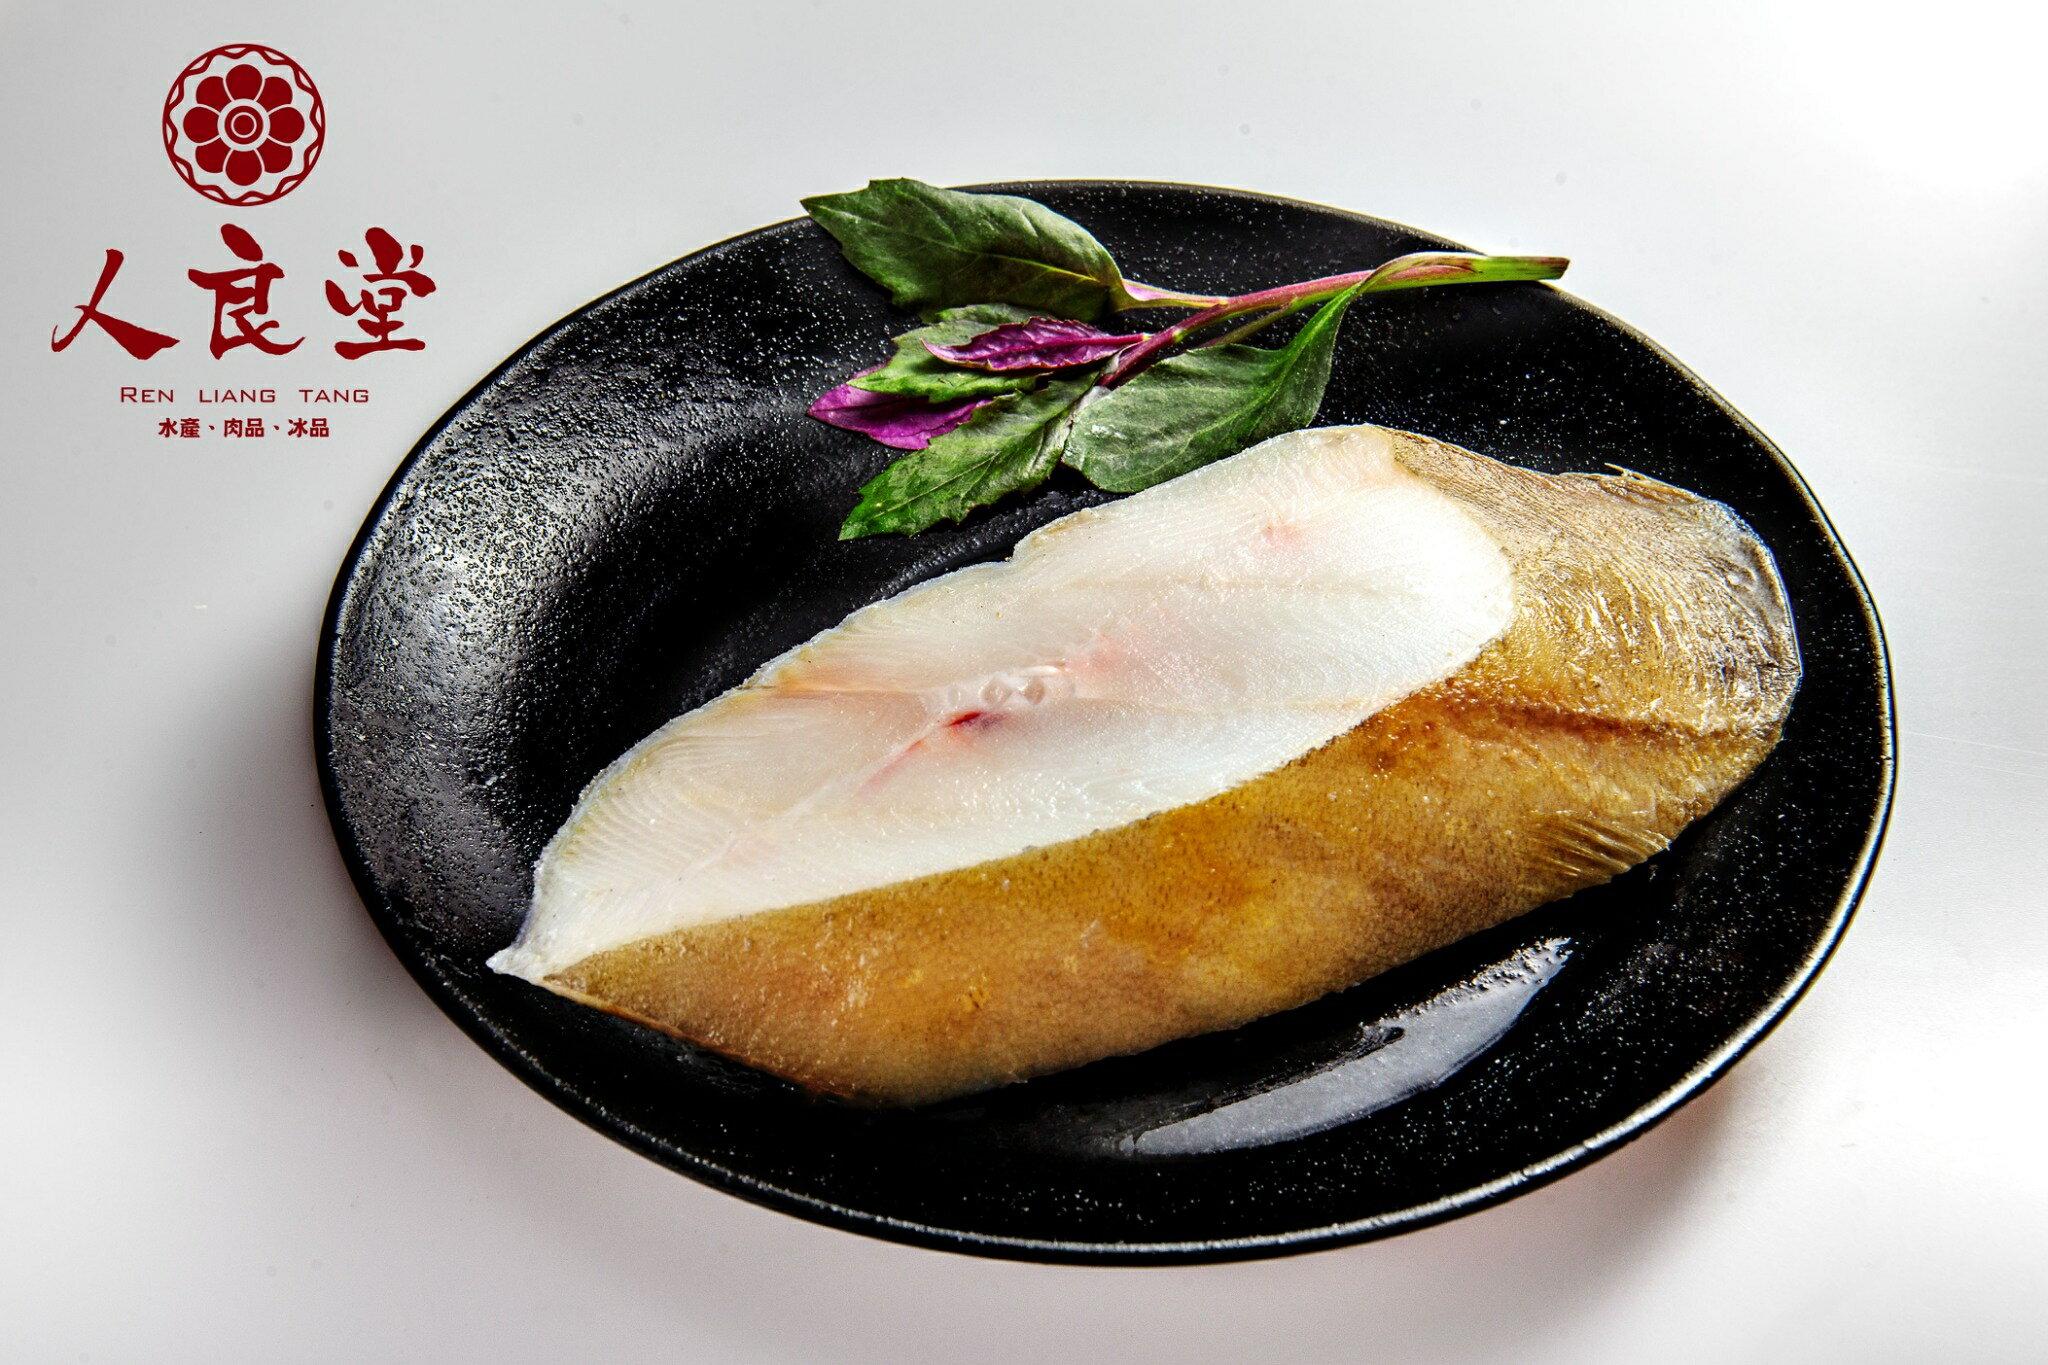 格陵蘭無洞鱈魚片 大比目魚   包冰率極低真空包375g  冰箱 款